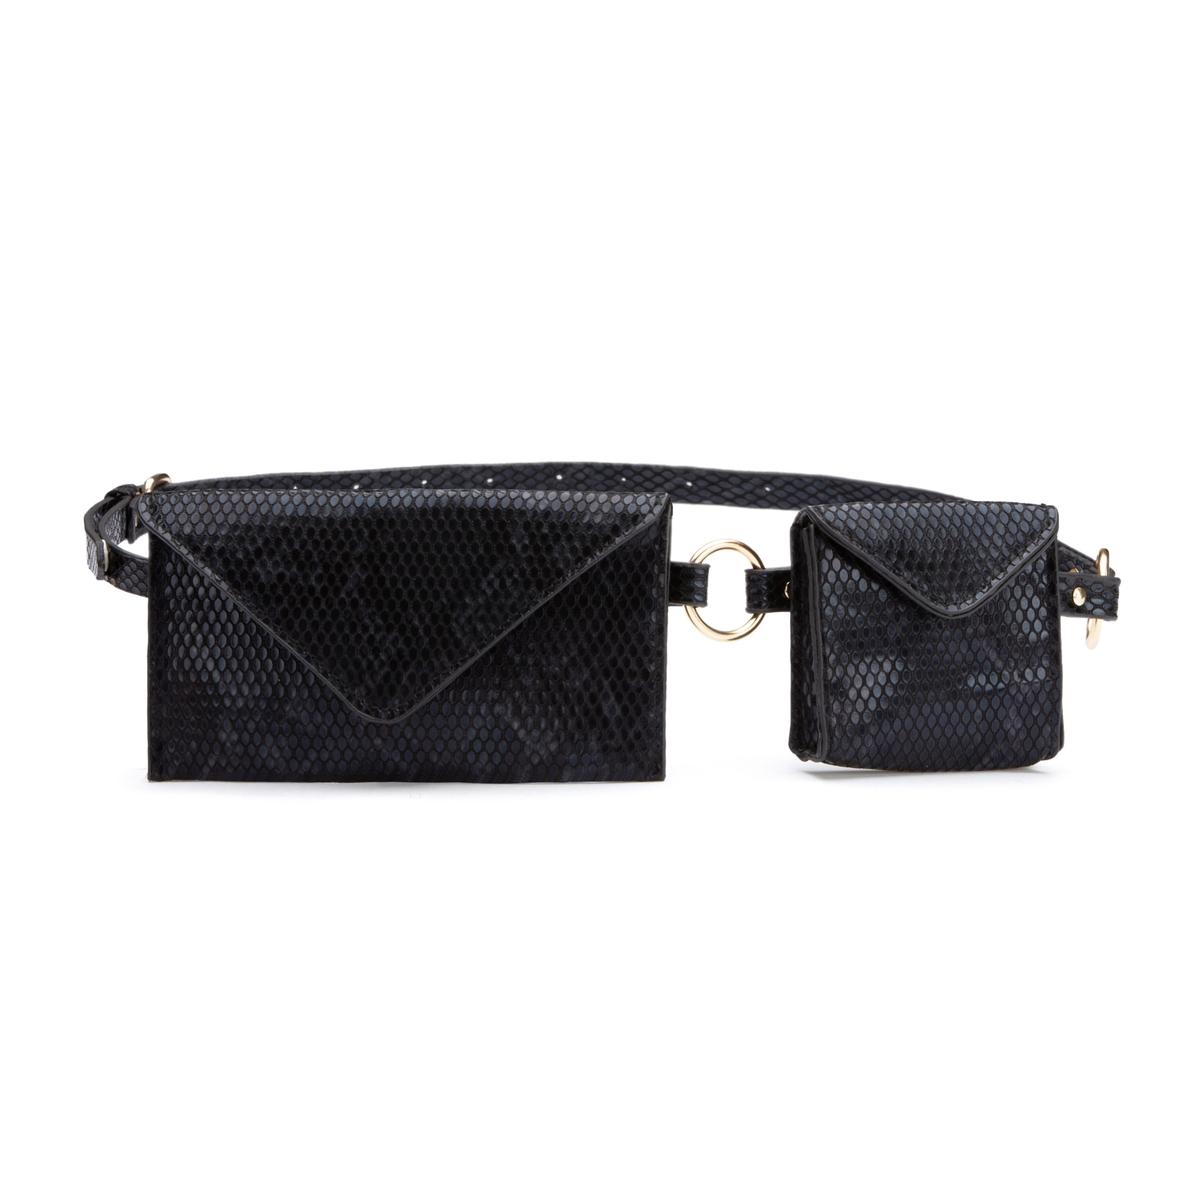 Cinturón con bolsos y motivos fantasía